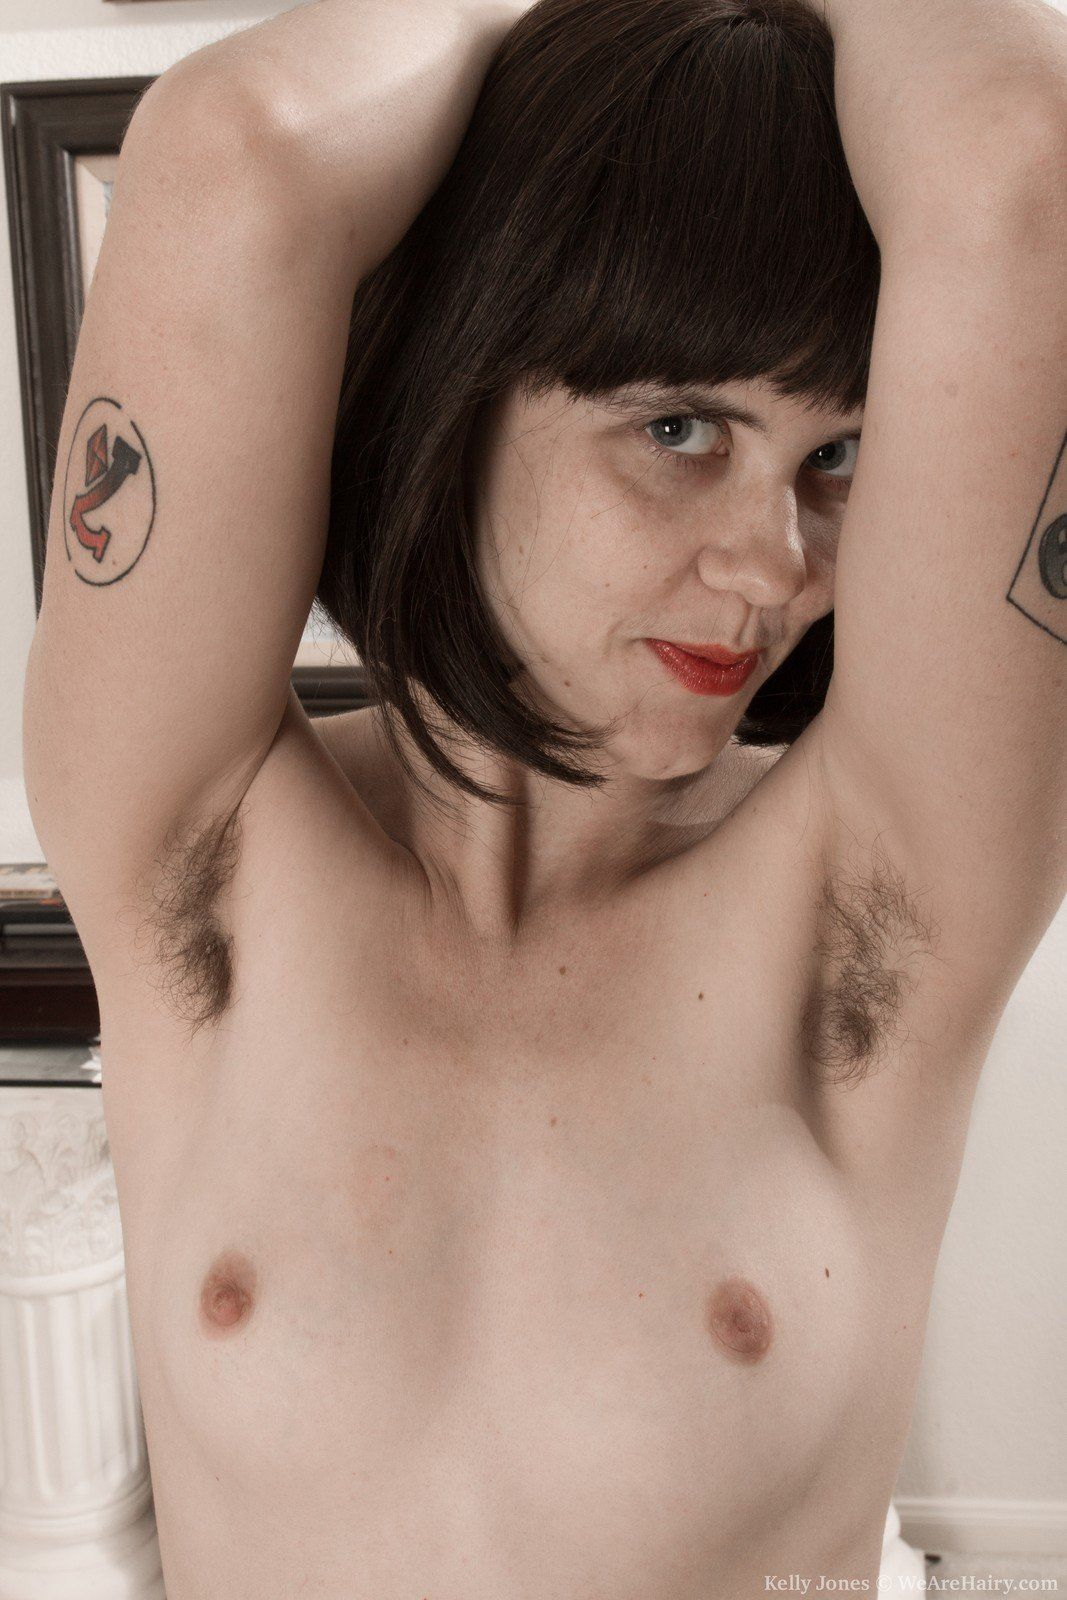 Short thick dicks cumming on blond women facials